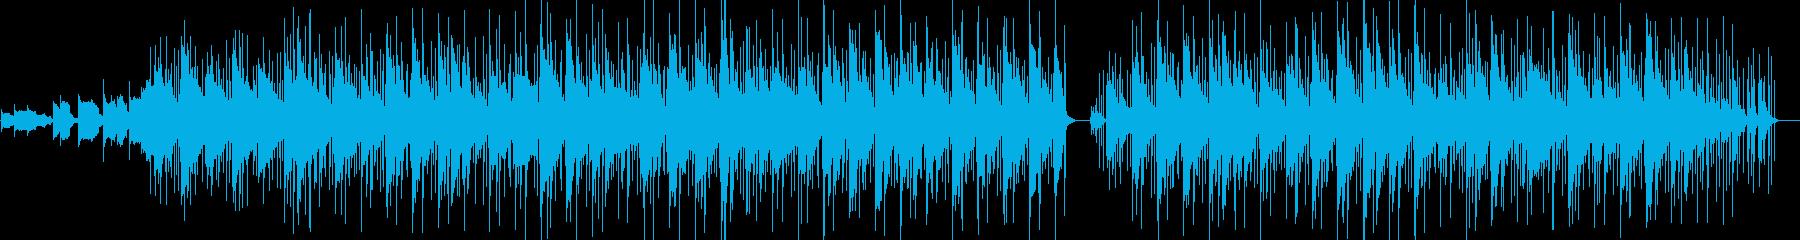 電子、ループ、リバース。サスペンスの再生済みの波形